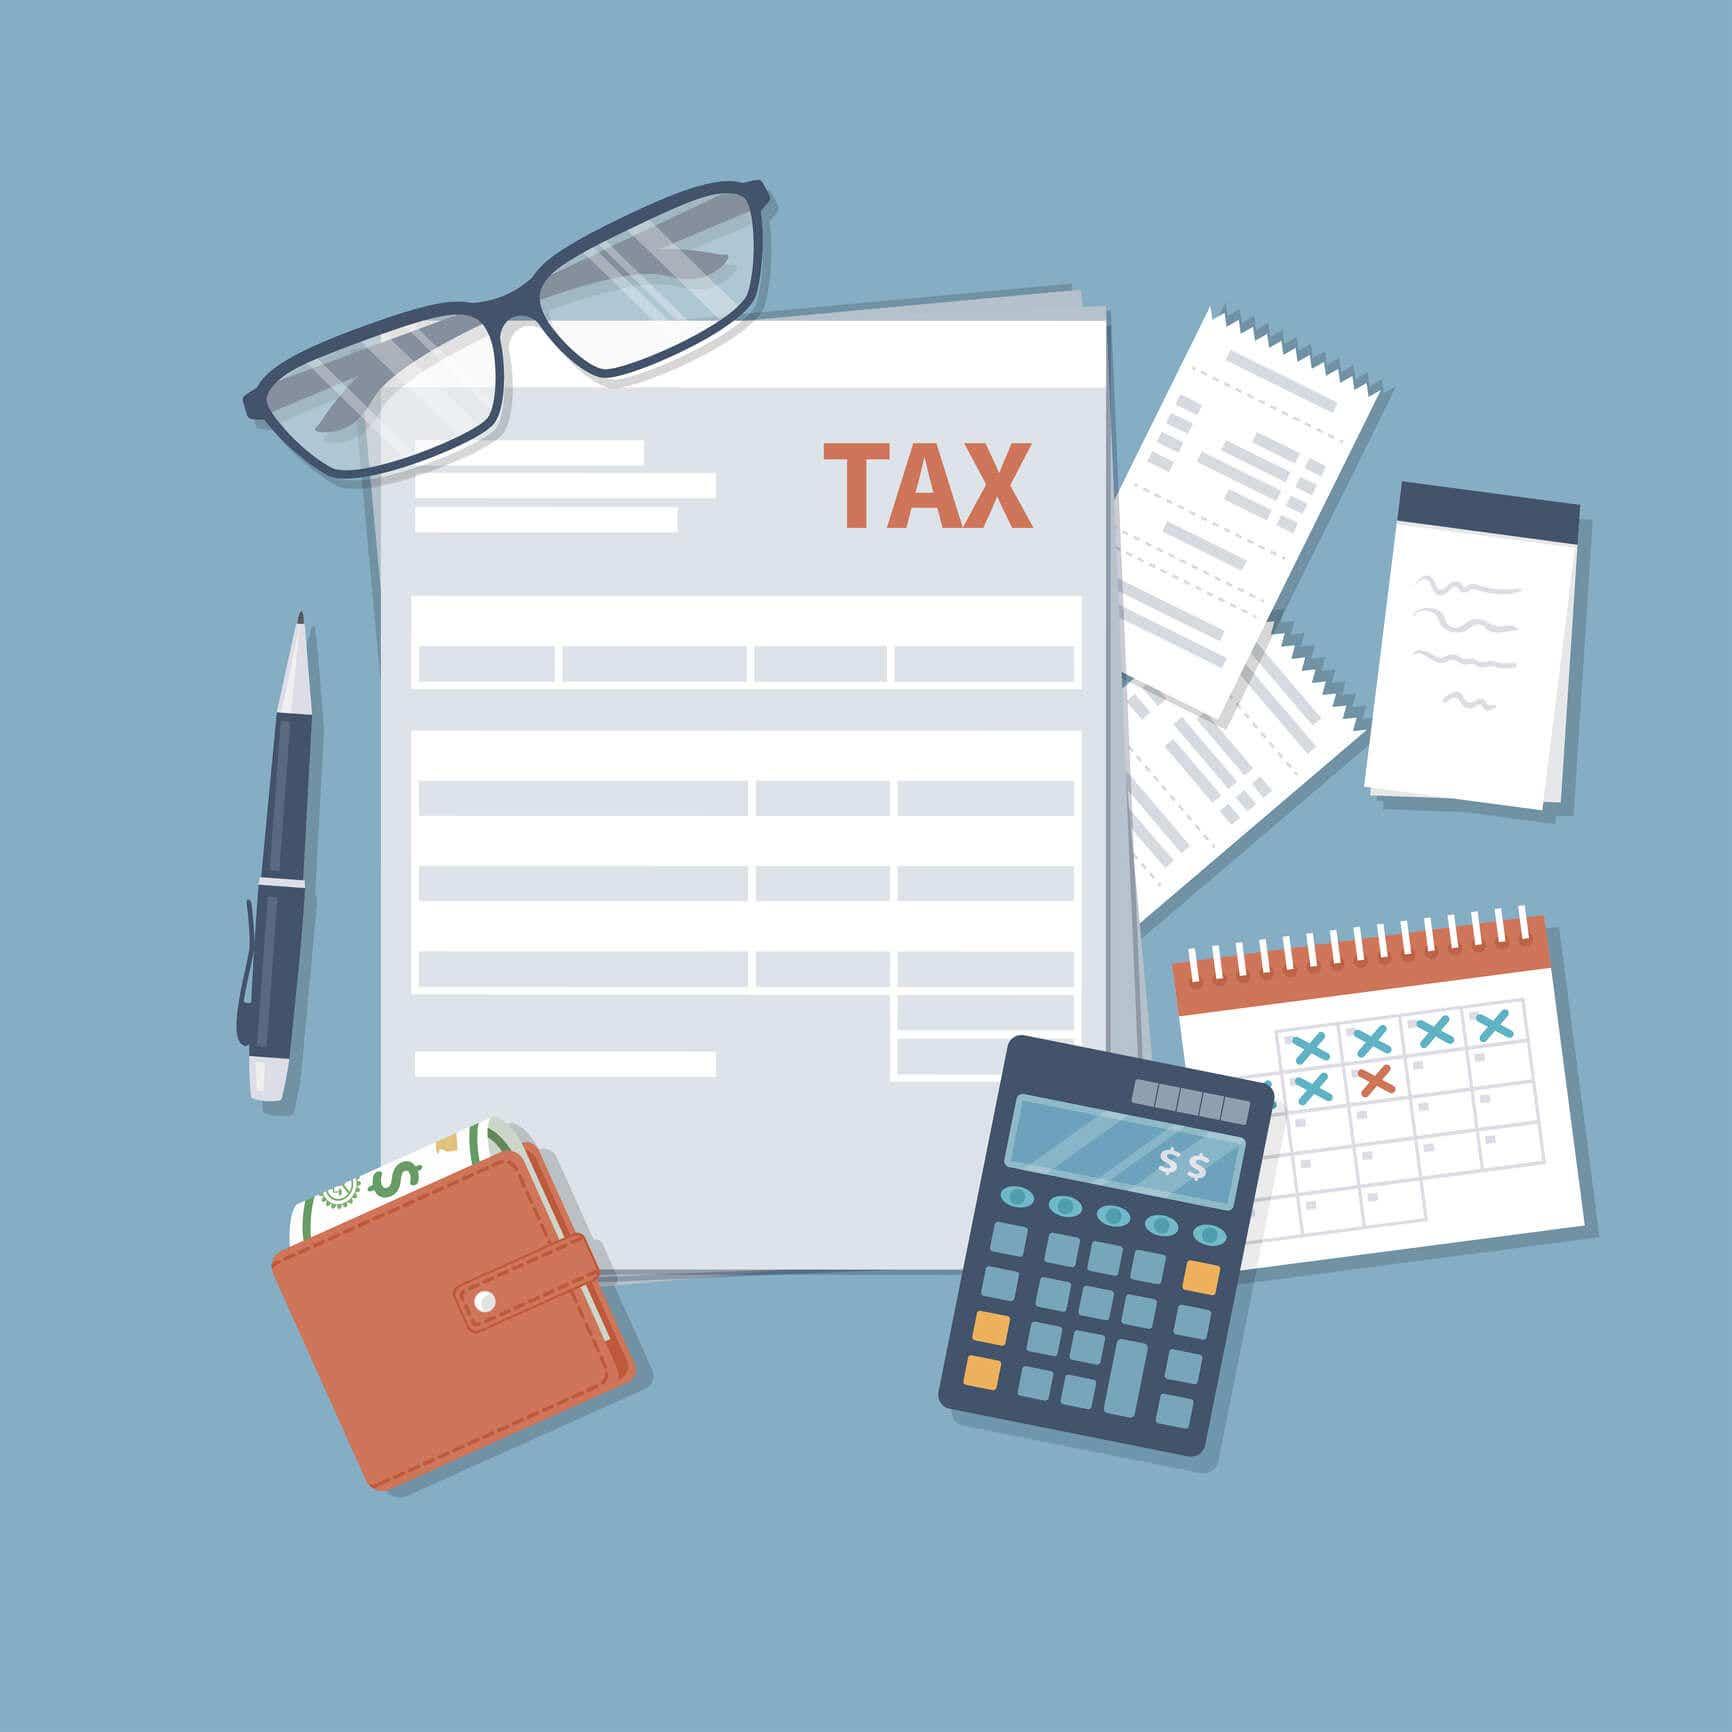 Taxation forms for sole proprietorship